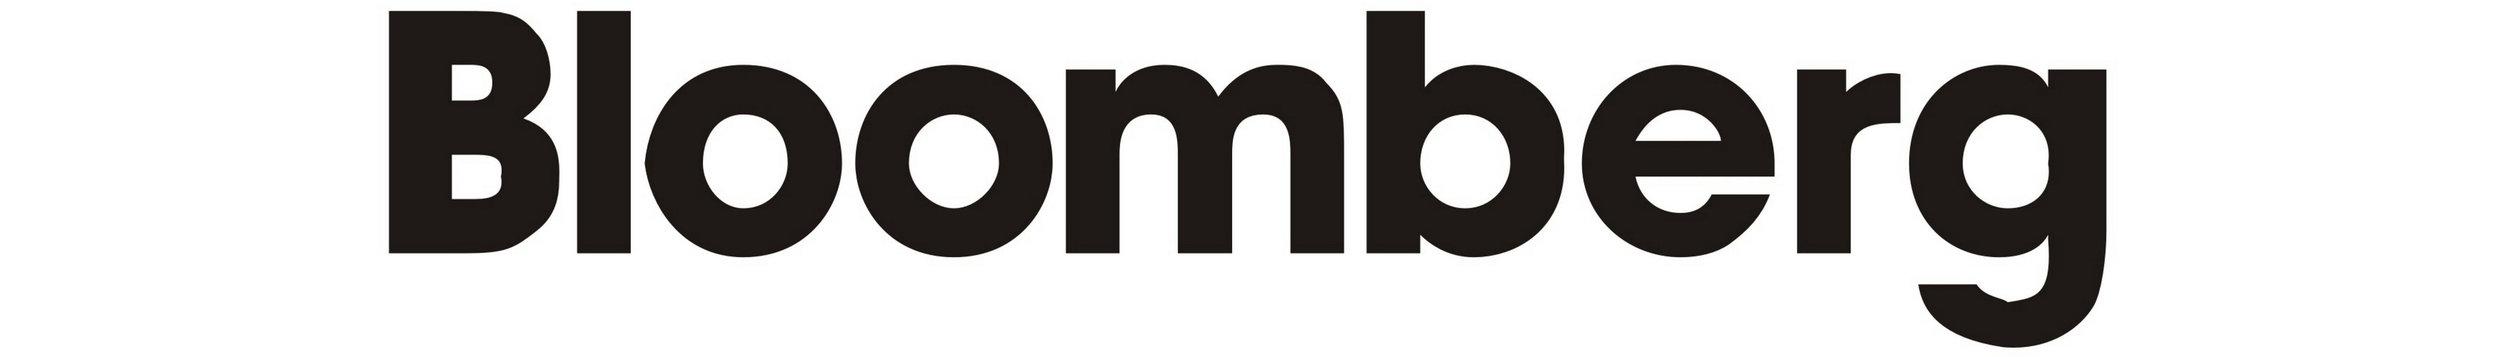 Bloomberg-logo-resized.jpg